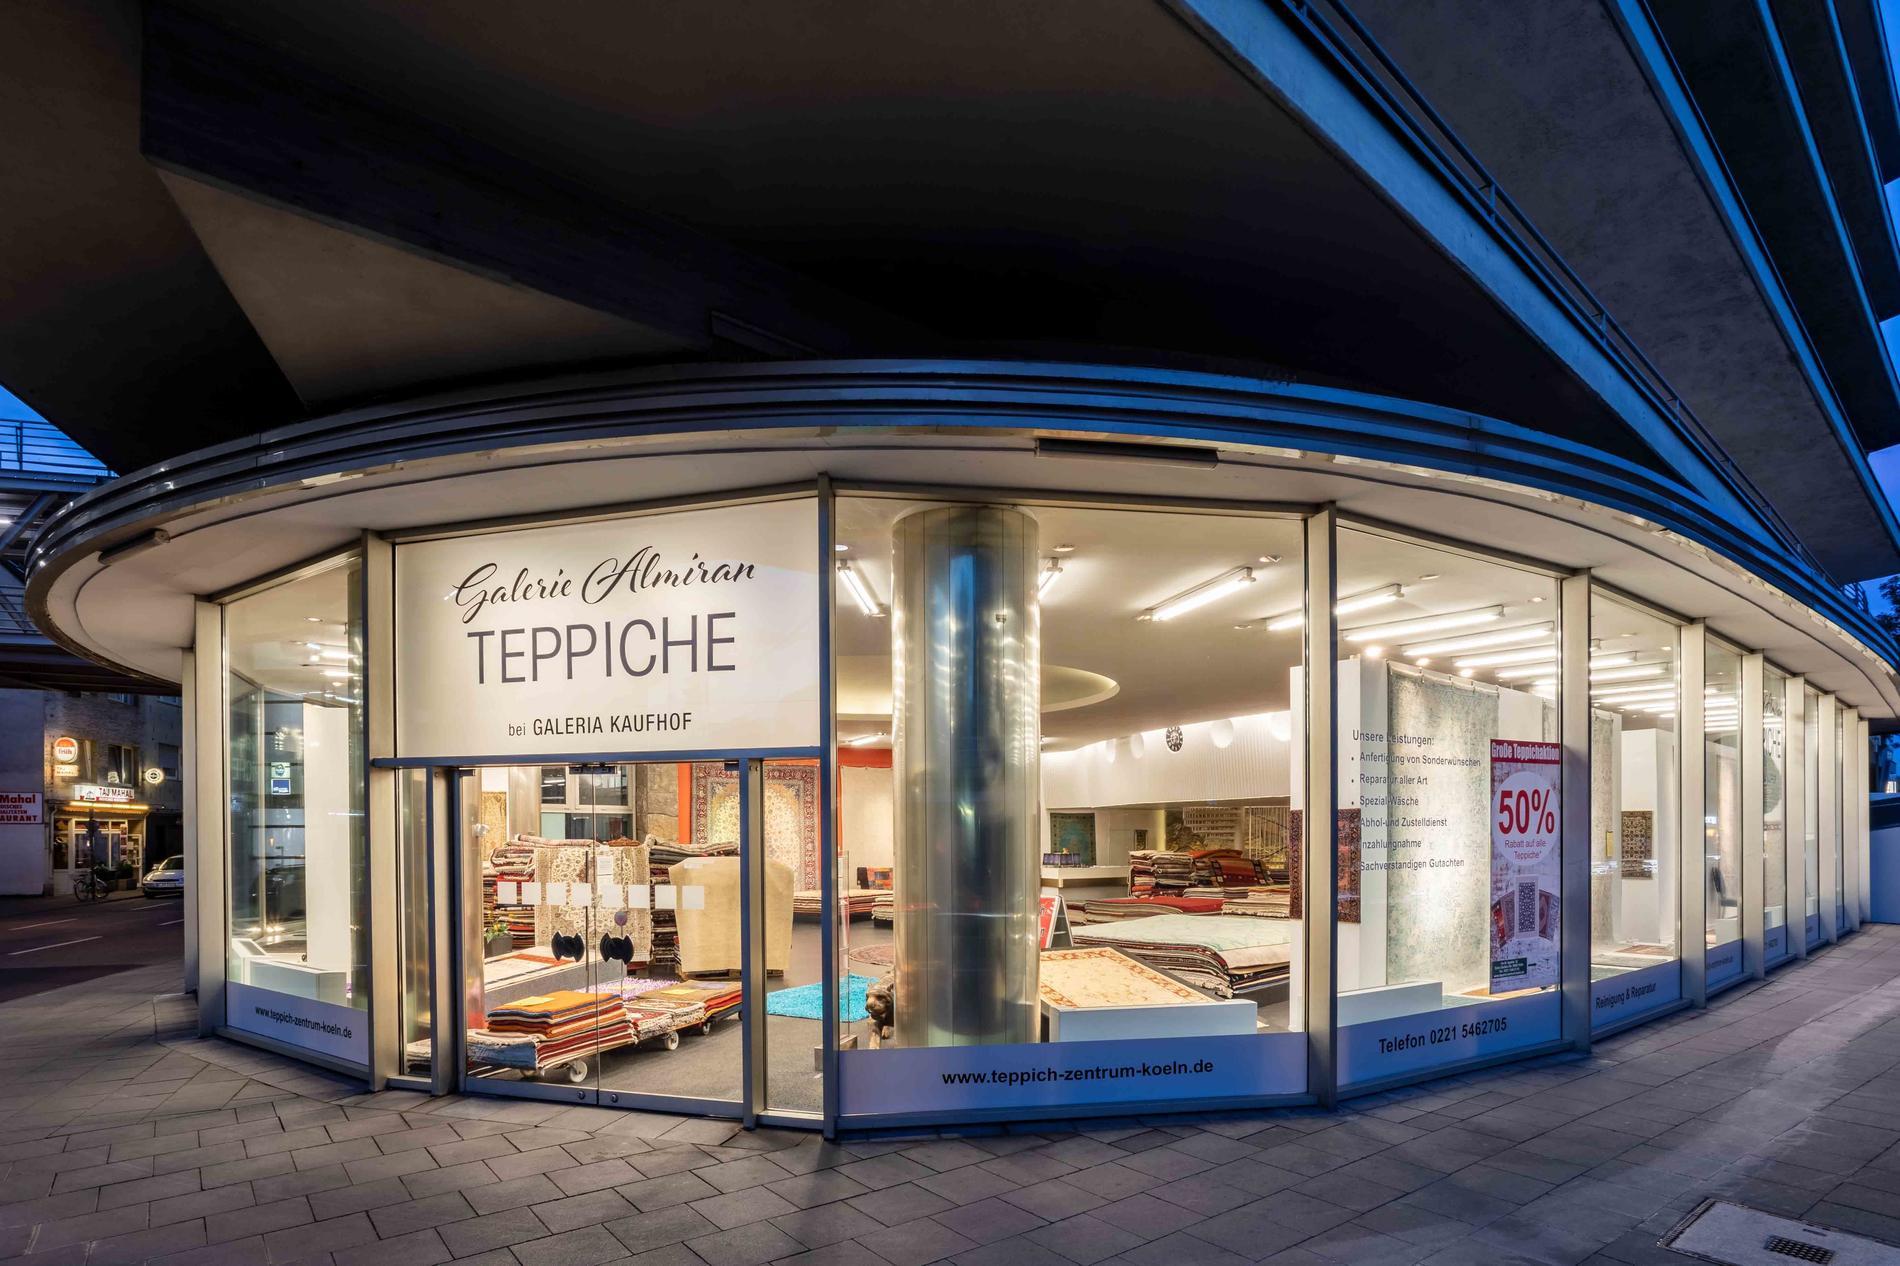 Teppichgalerie Almiran Verkauf&Reparatur&Wäsche Köln Zentrum, An St. Agatha 22, Ecke Cäcilien Straße in Köln